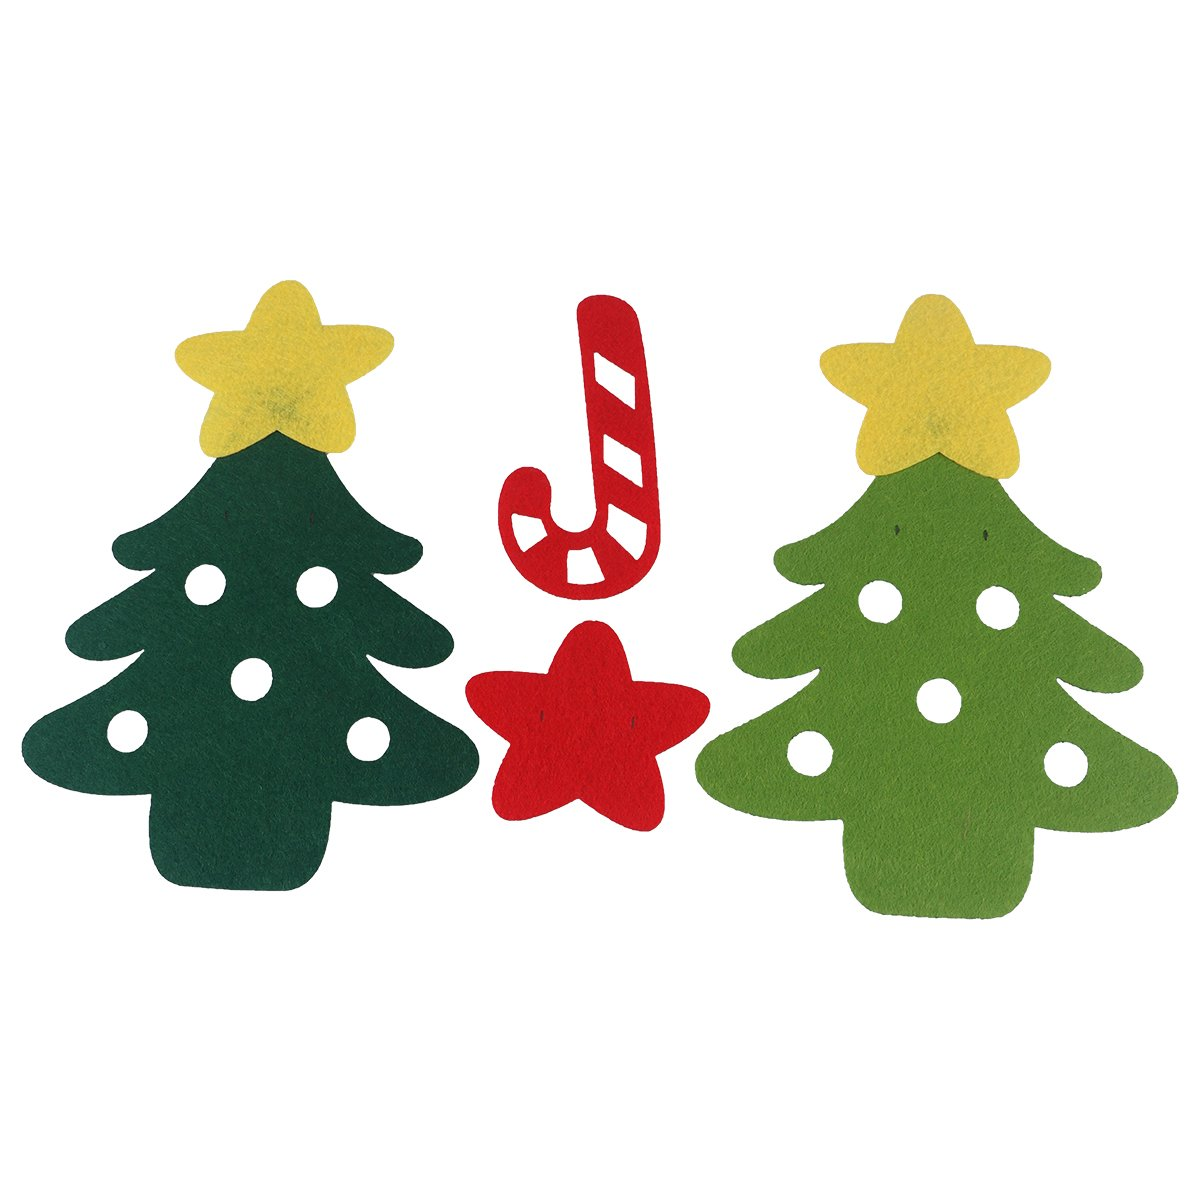 Bandiera albero di natale OULII Striscione Glirlanda 3 M per decorazione natalizia